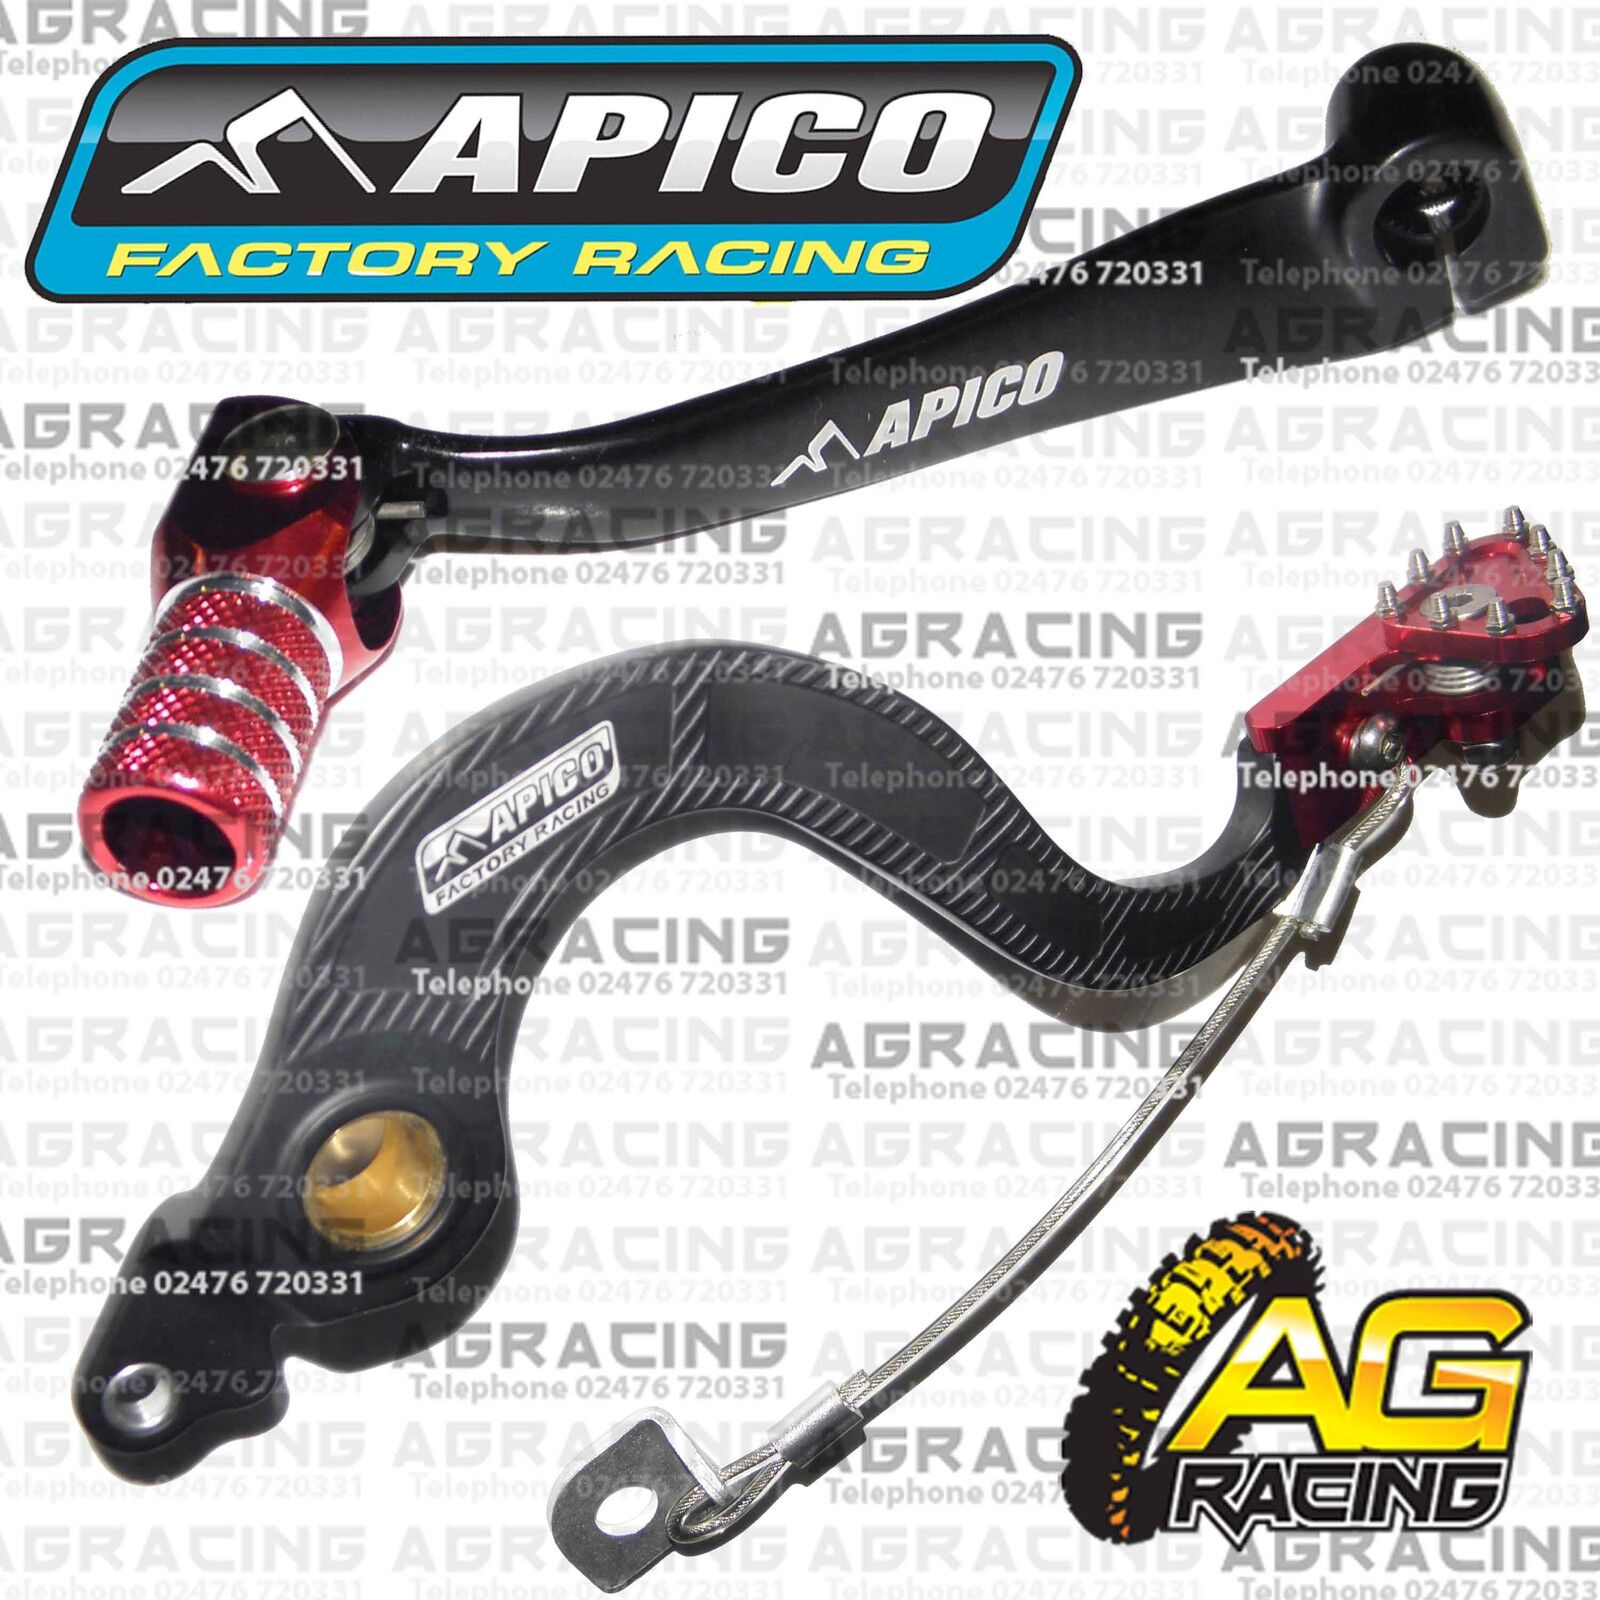 Apico Black Red Rear Brake Pedal Lever For Honda CRF 250R 2010 Motocross Enduro